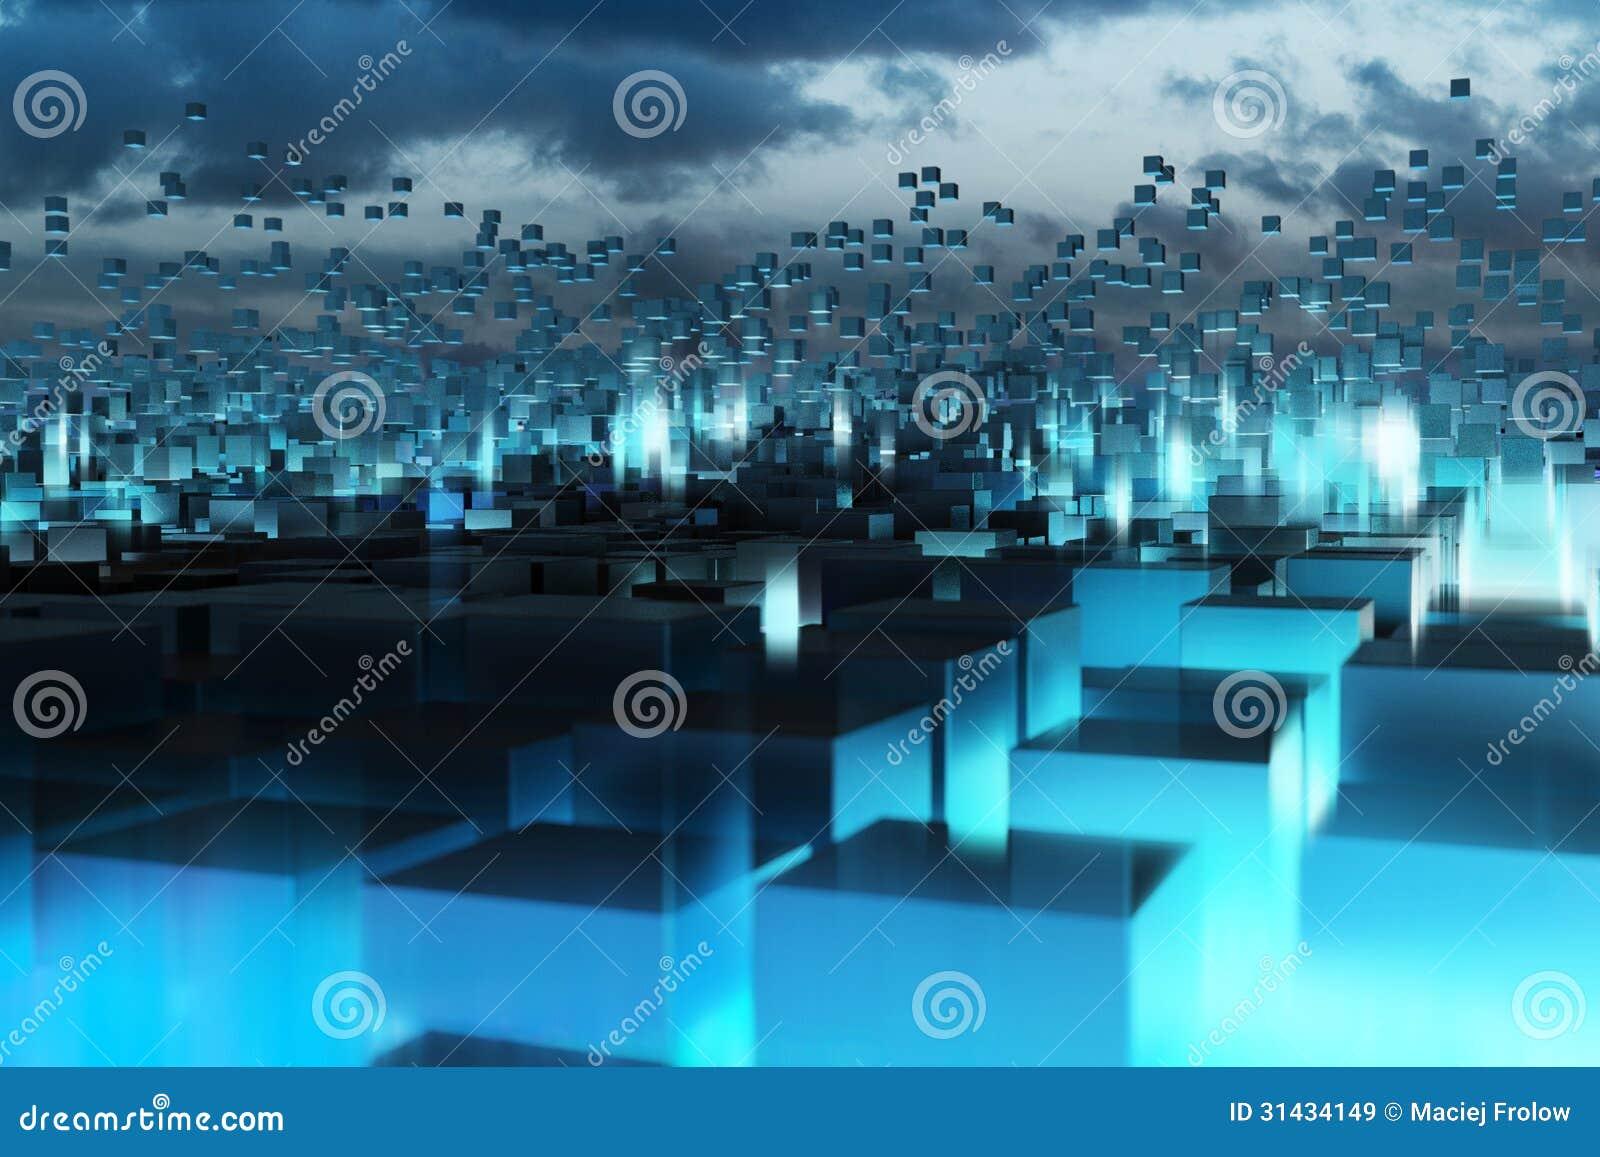 Cubos abstractos azules